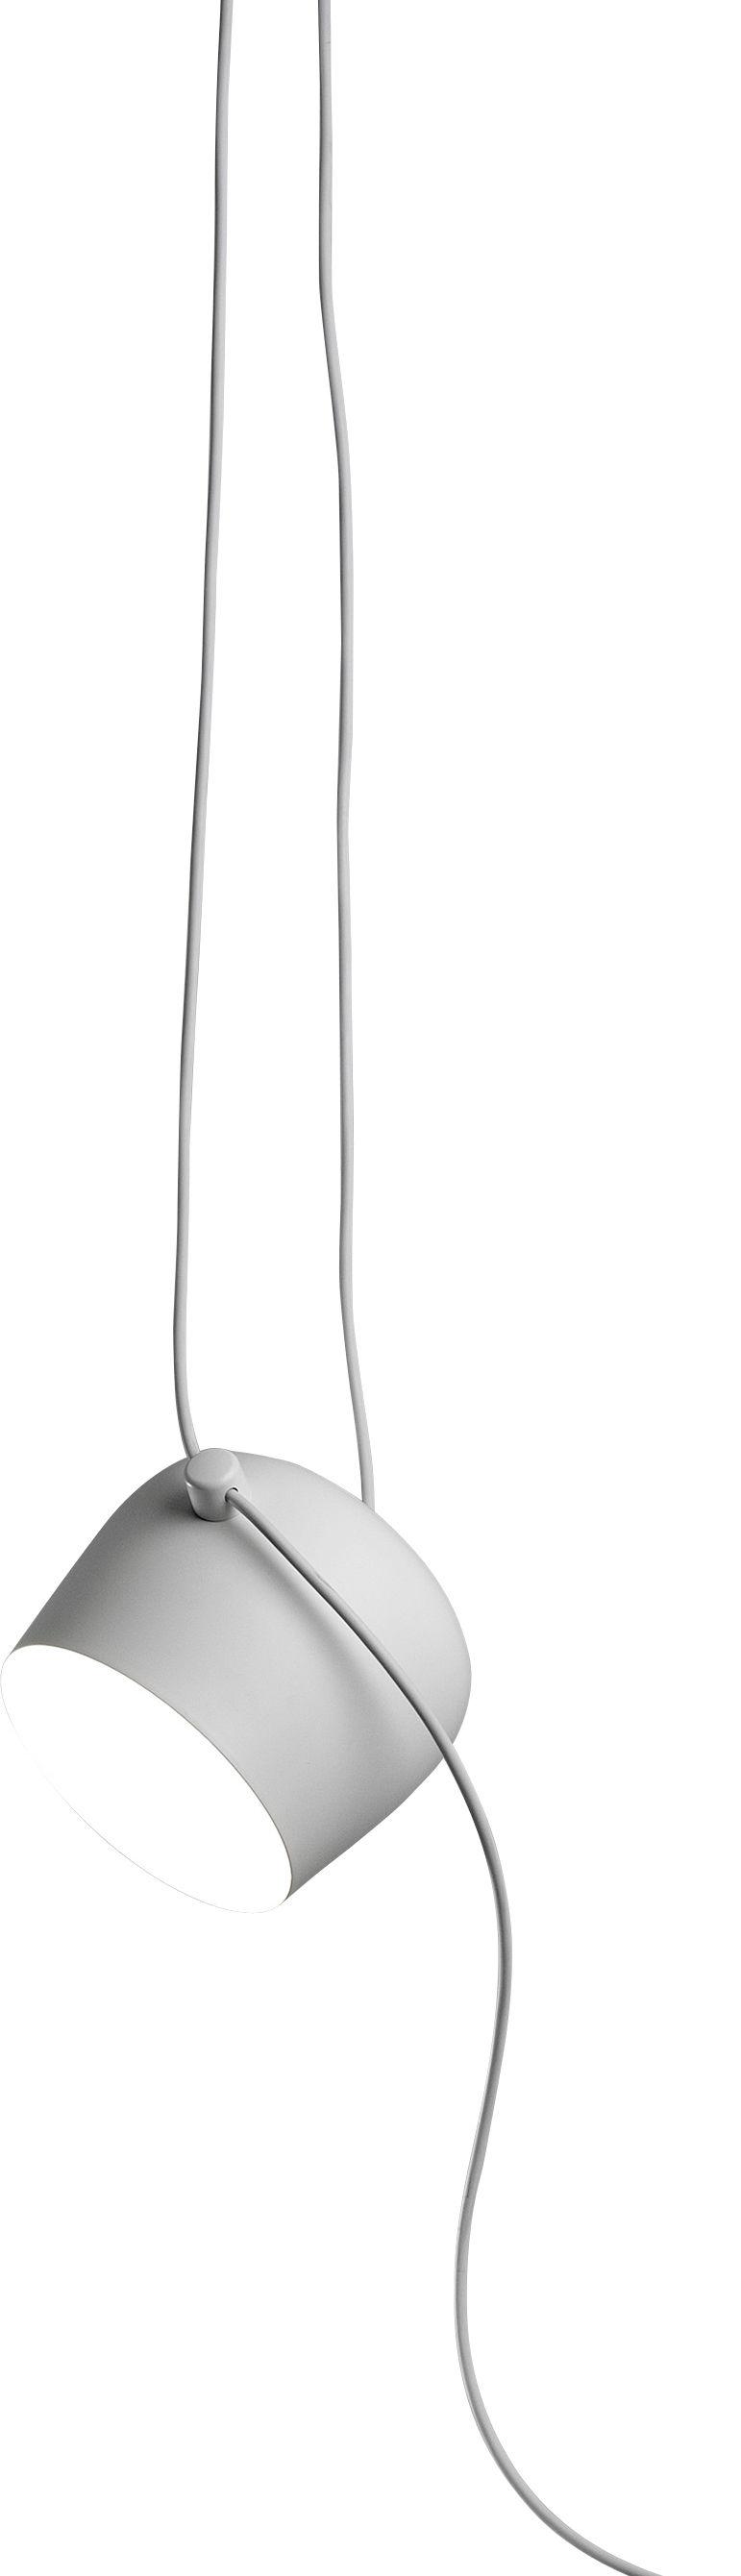 Leuchten - Pendelleuchten - AIM LED Lampe / zum Aufhängen - mit Kabel und Netzstecker - Flos - Weiβ - bemaltes Aluminium, Polykarbonat